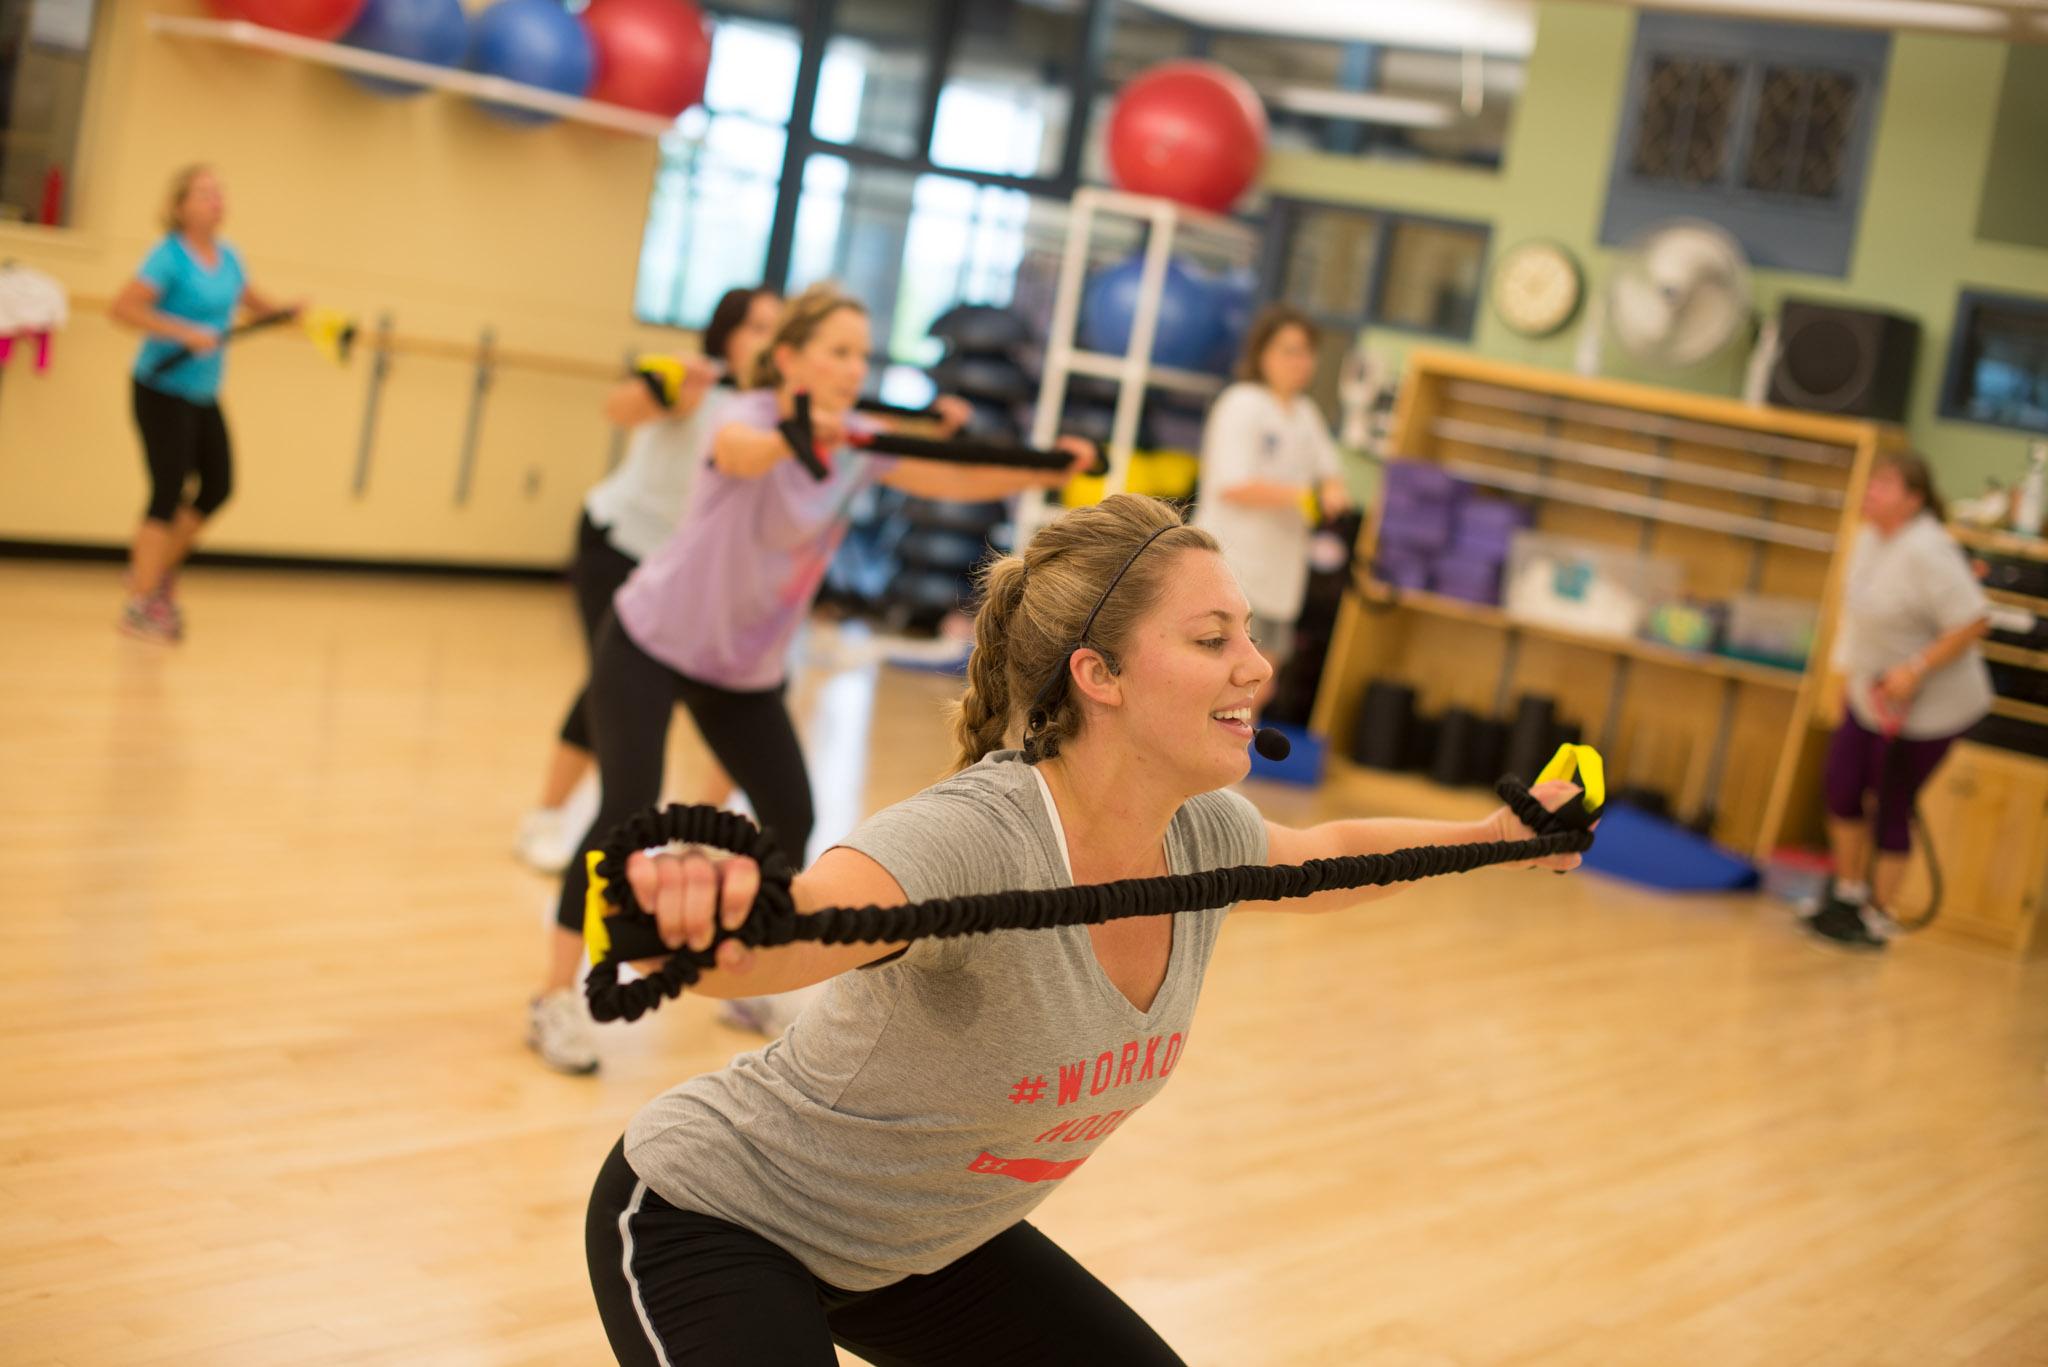 Wellness Center Stock Photos-1050.jpg